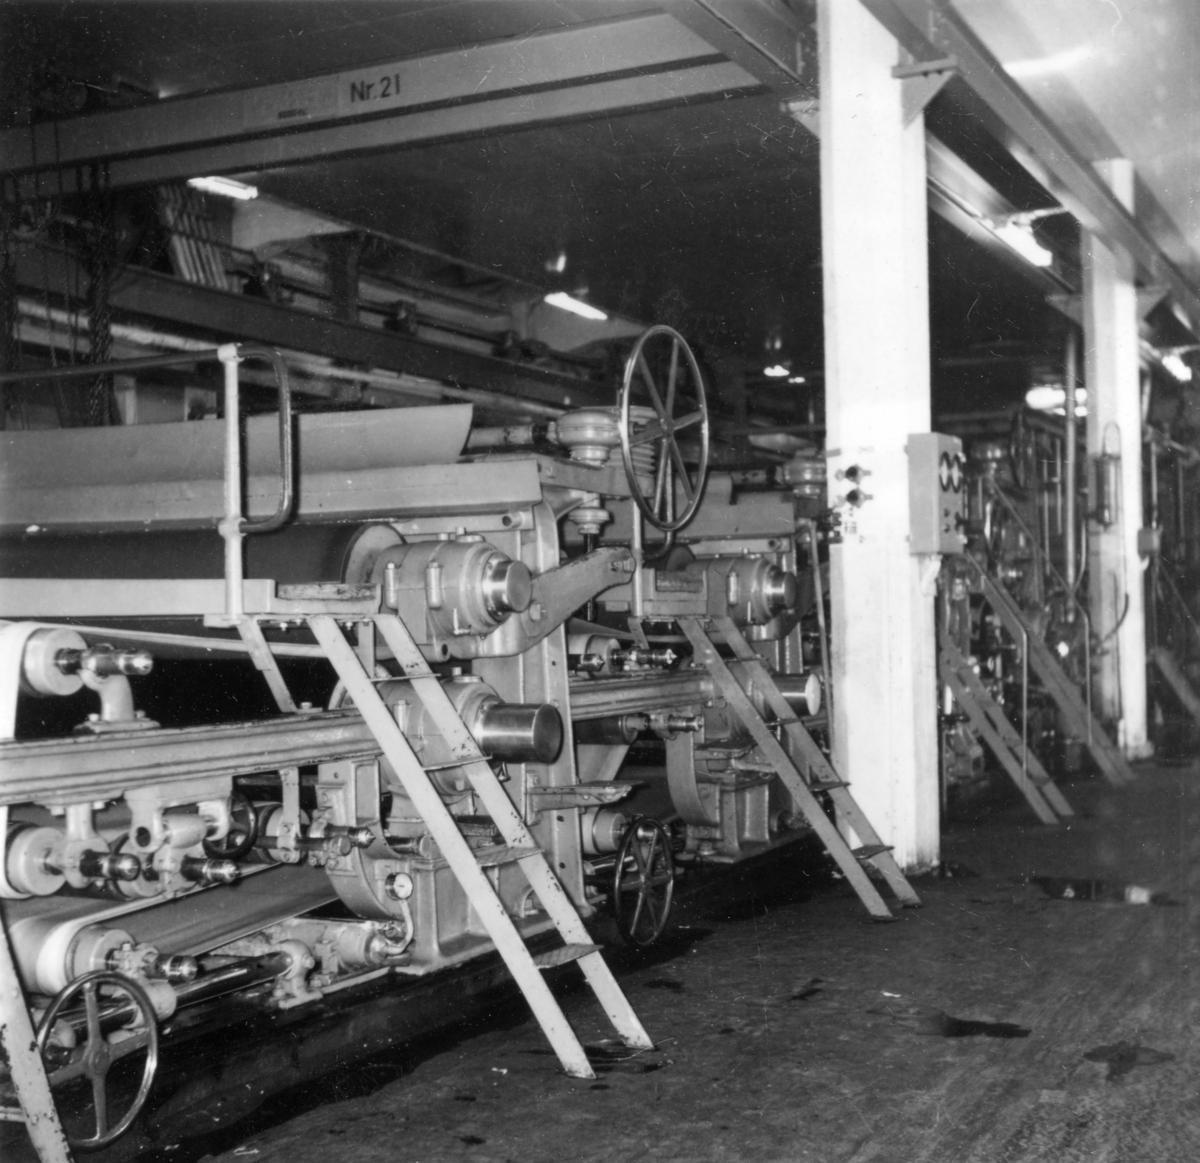 PM 11 ombyggnad på Papyrus, april - maj 1959.